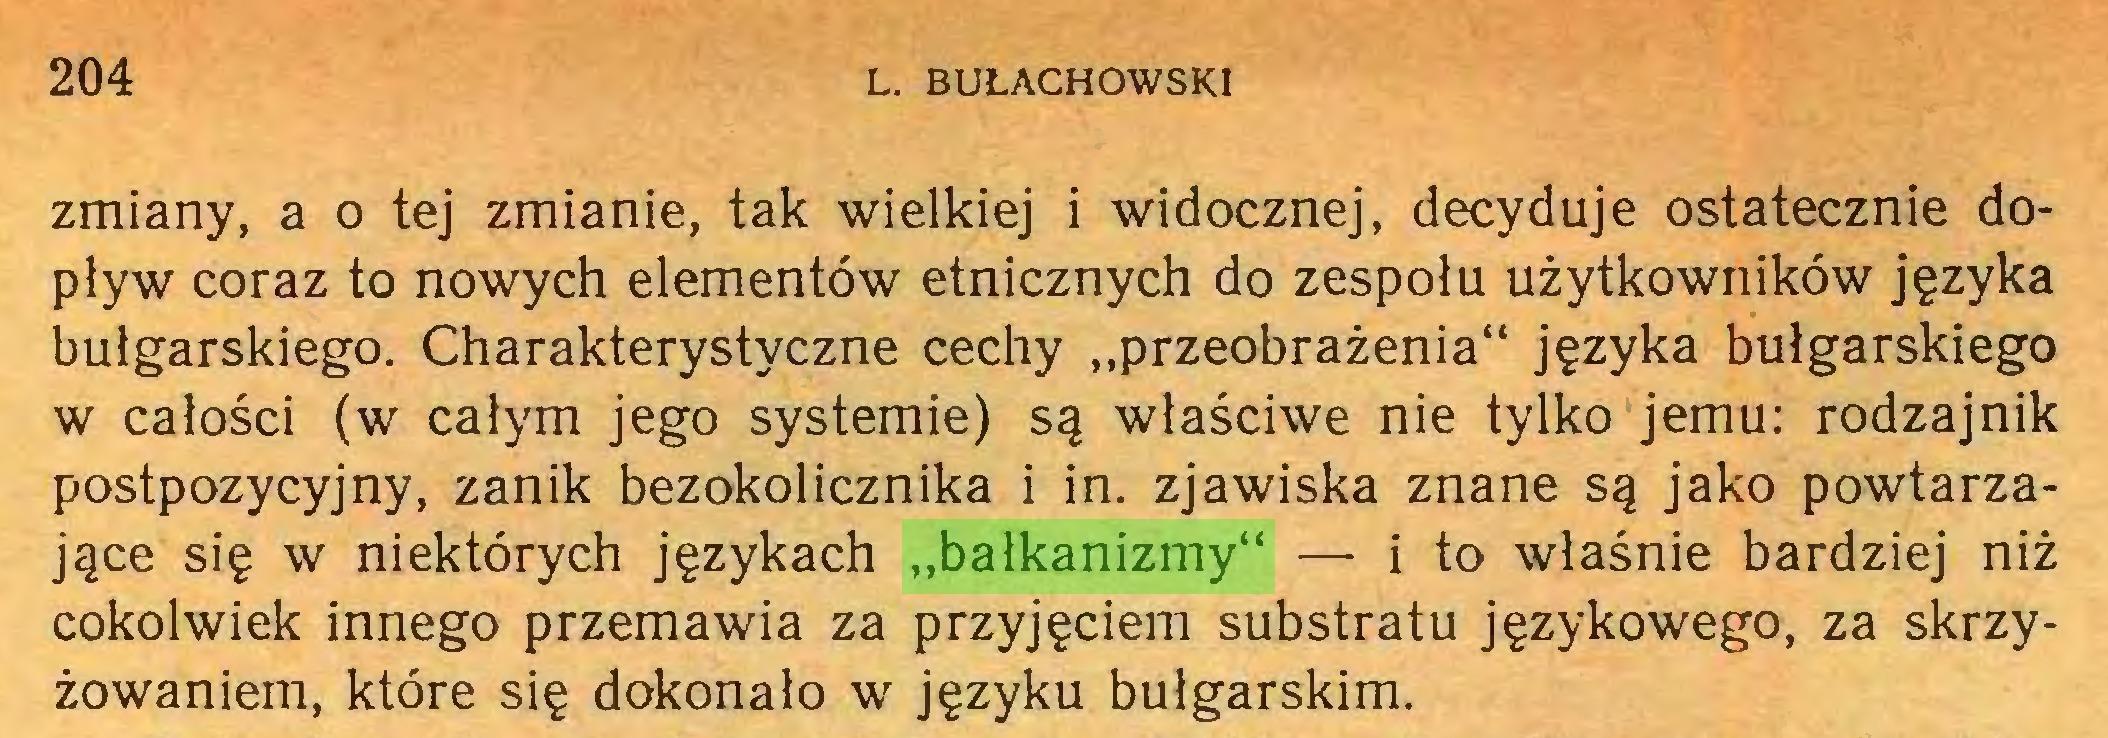 """(...) 204 L. BUŁACHOWSKI zmiany, a o tej zmianie, tak wielkiej i widocznej, decyduje ostatecznie dopływ coraz to nowych elementów etnicznych do zespołu użytkowników języka bułgarskiego. Charakterystyczne cechy """"przeobrażenia"""" języka bułgarskiego w całości (w całym jego systemie) są właściwe nie tylko jemu: rodzajnik postpozycyjny, zanik bezokolicznika i in. zjawiska znane są jako powtarzające się w niektórych językach """"bałkanizmy"""" — i to właśnie bardziej niż cokolwiek innego przemawia za przyjęciem substratu językowego, za skrzyżowaniem, które się dokonało w języku bułgarskim..."""